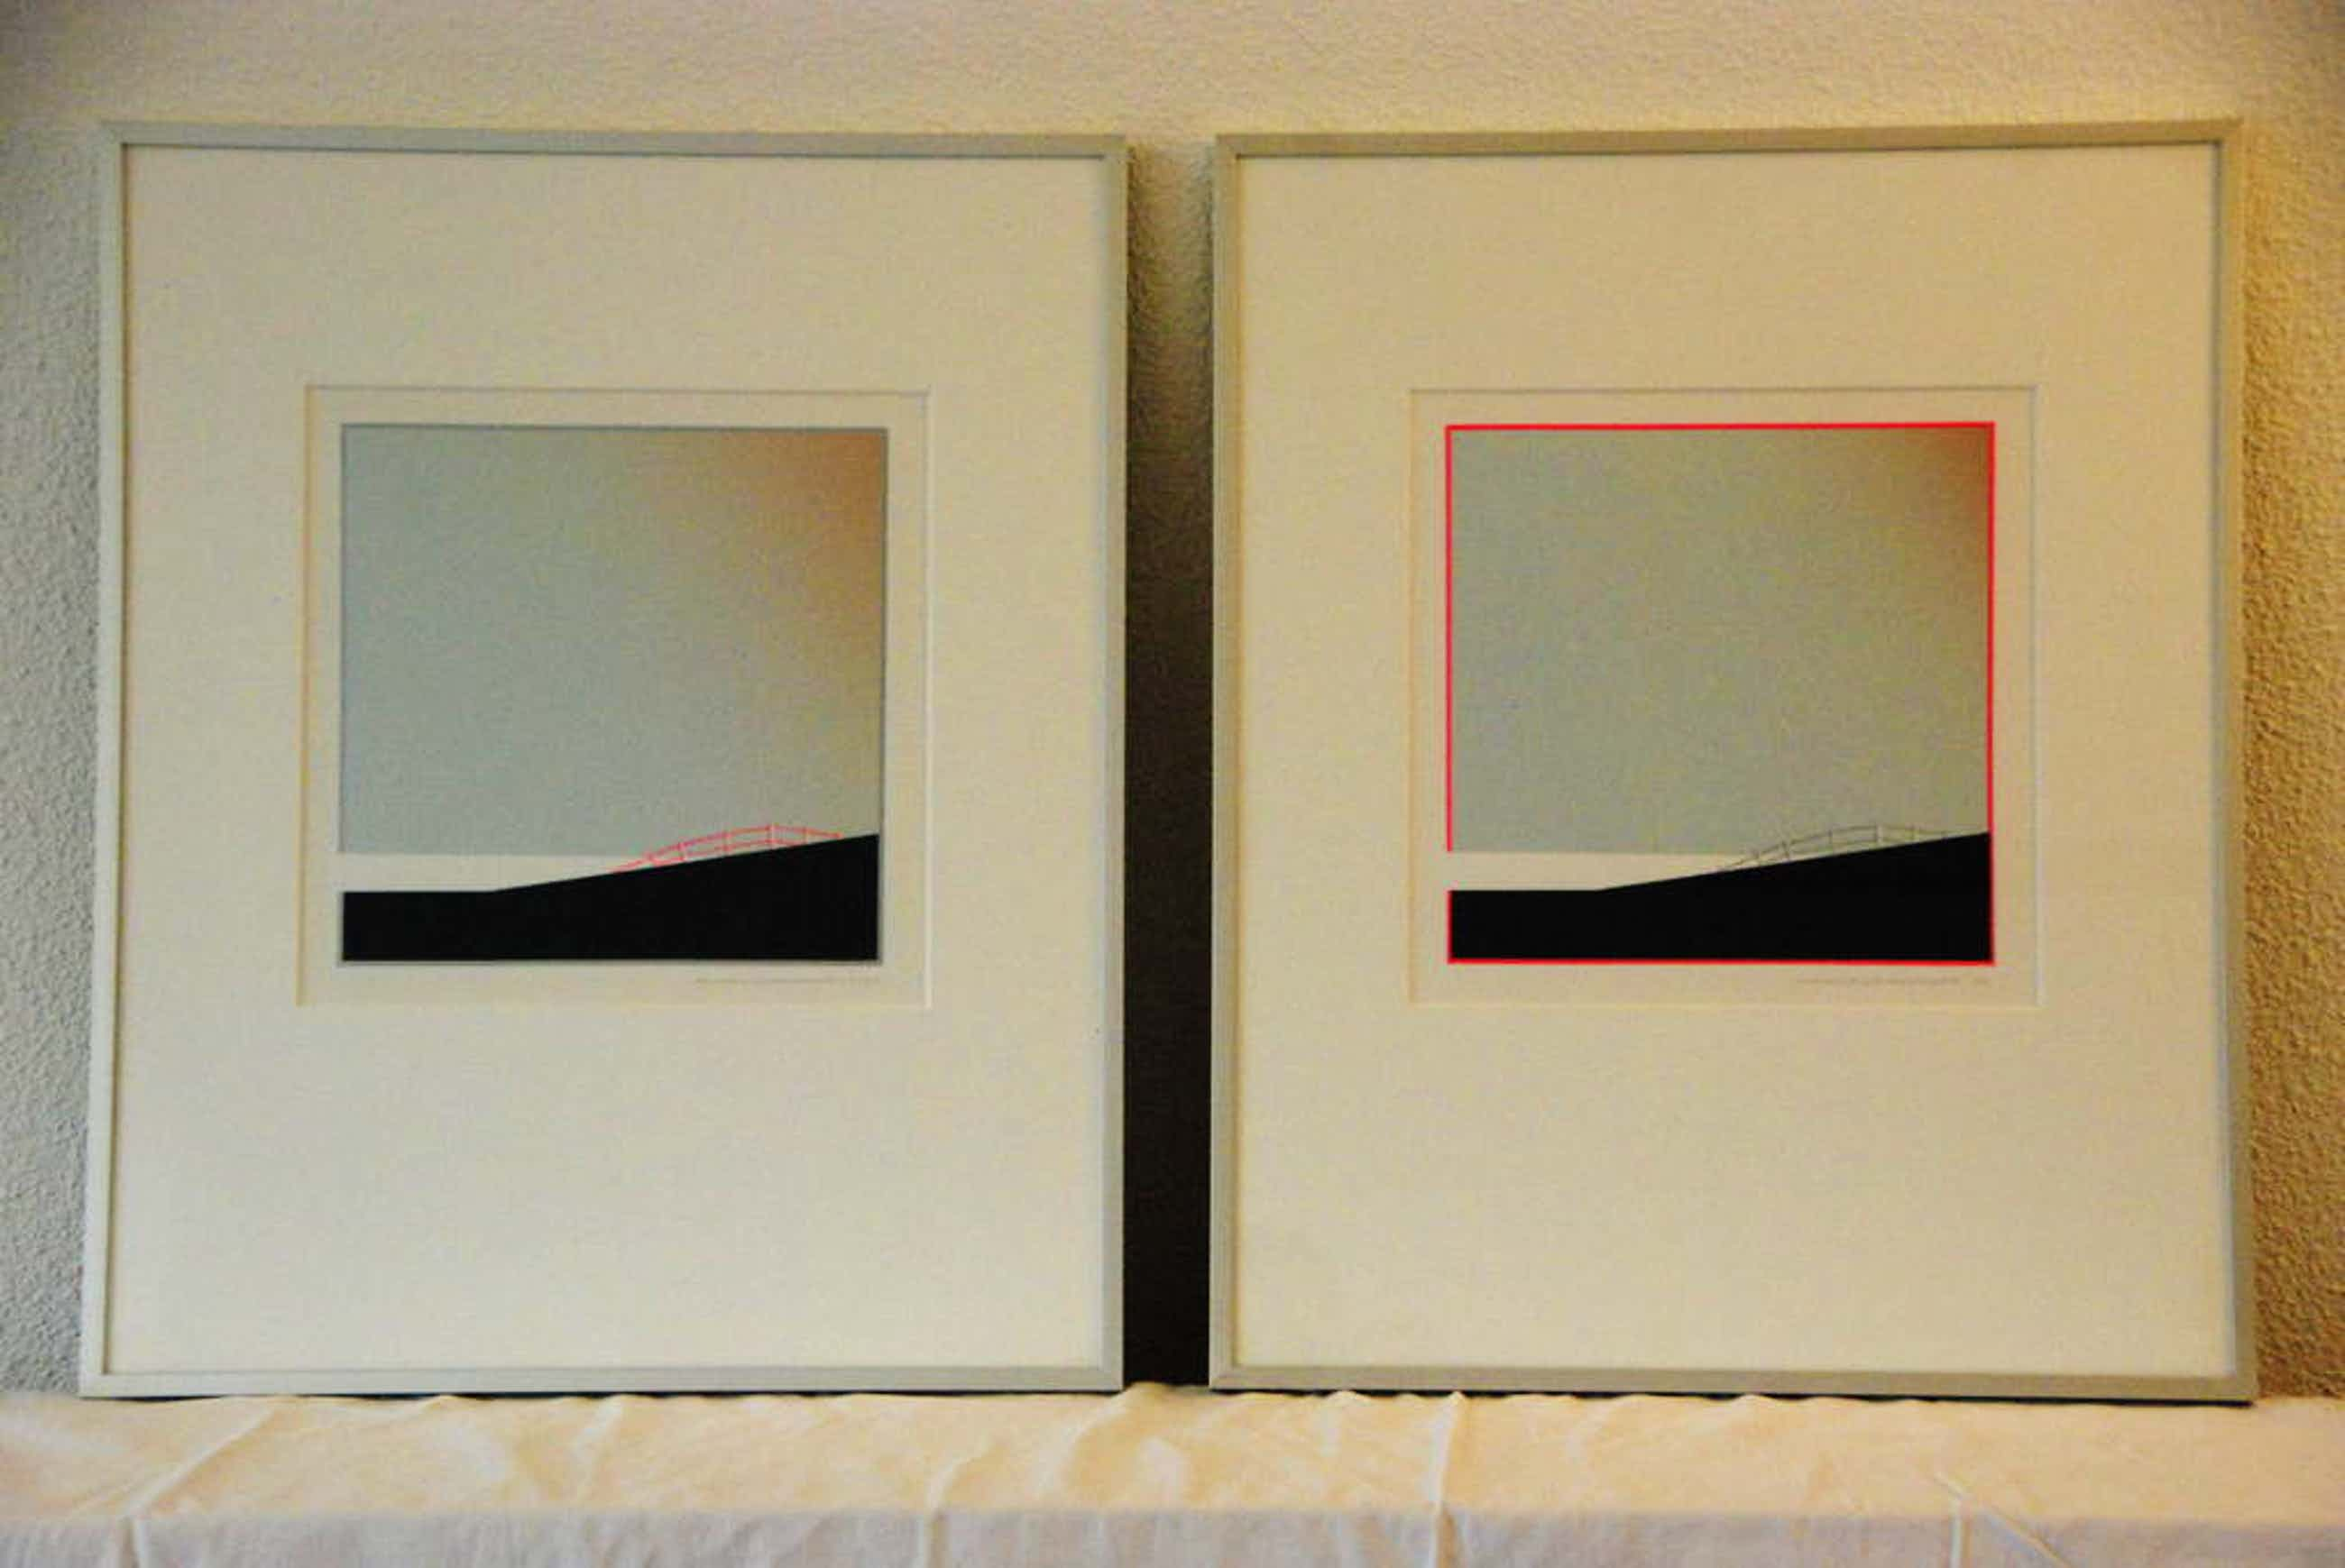 Hekje op Dijk 1 en 2, Heleen van der Tuin, 41x51 cm, 1987 kopen? Bied vanaf 70!